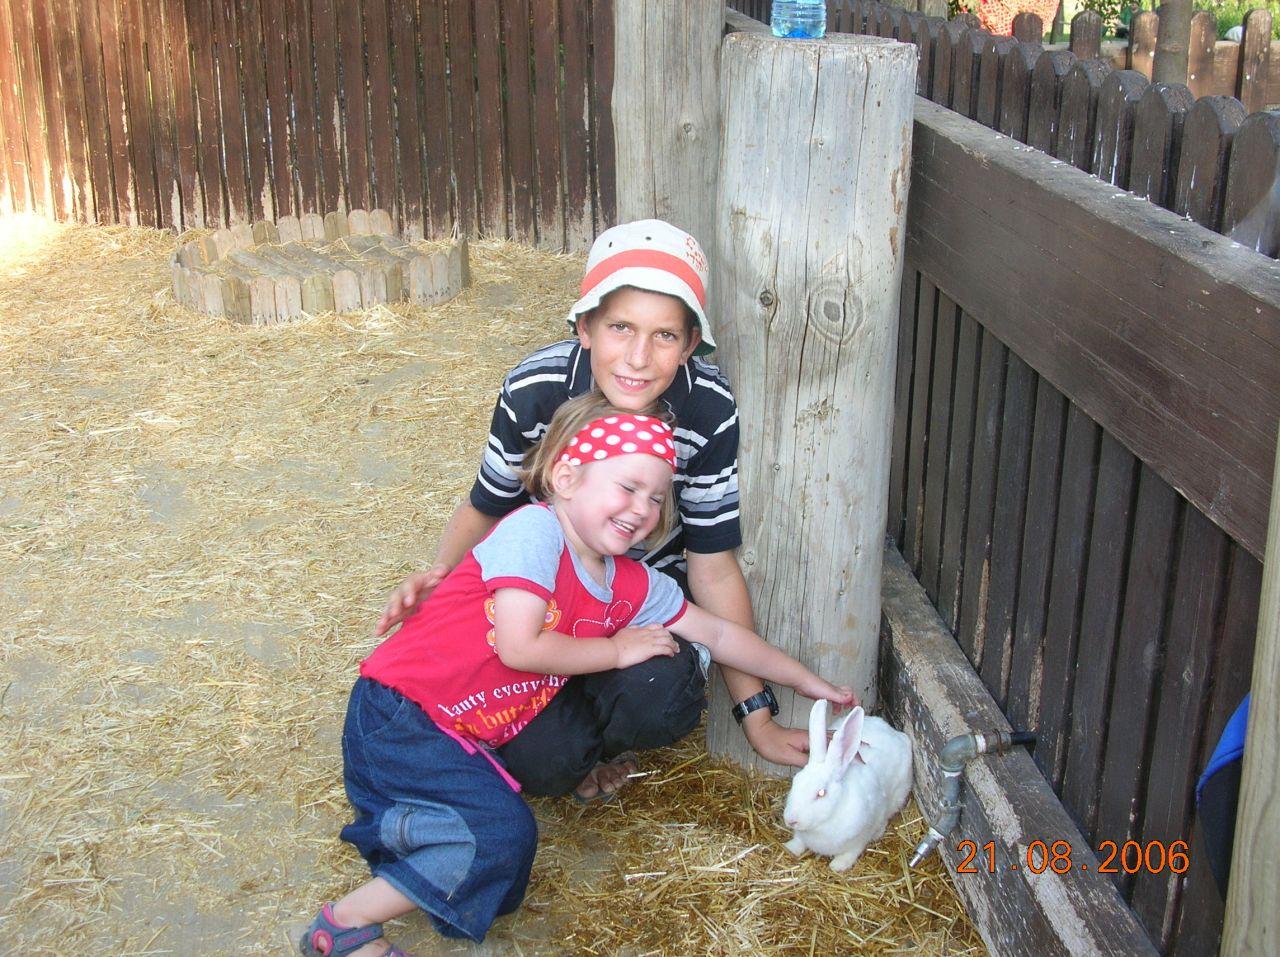 קיץ תשסו ישי בן 11 עם האחיינית אפרת גולדברג